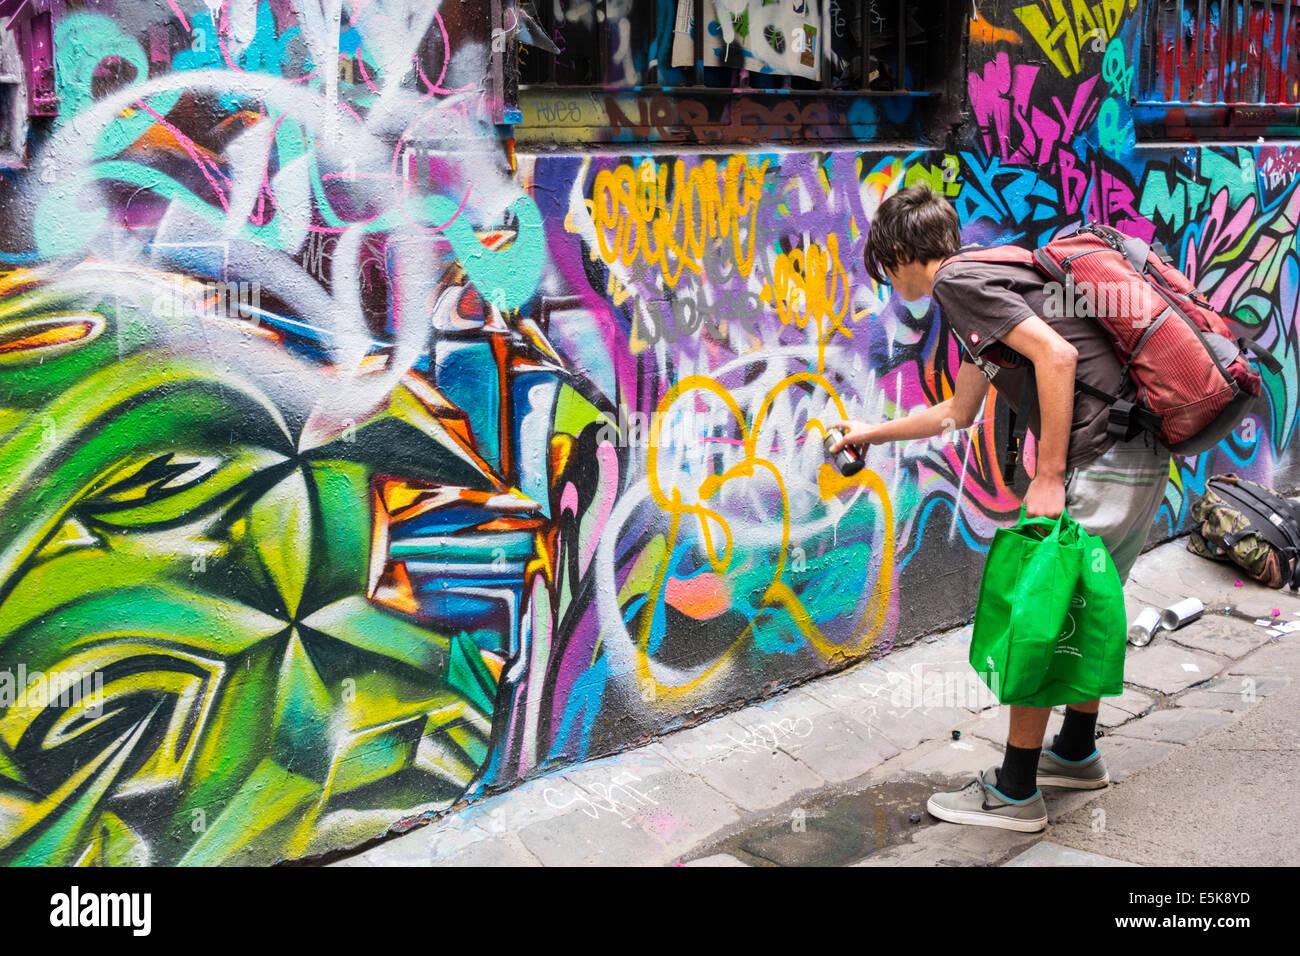 Melbourne Australien Victoria central business district cbd Hosier lane Urban Street Art Graffiti Wandmalereien Stockbild